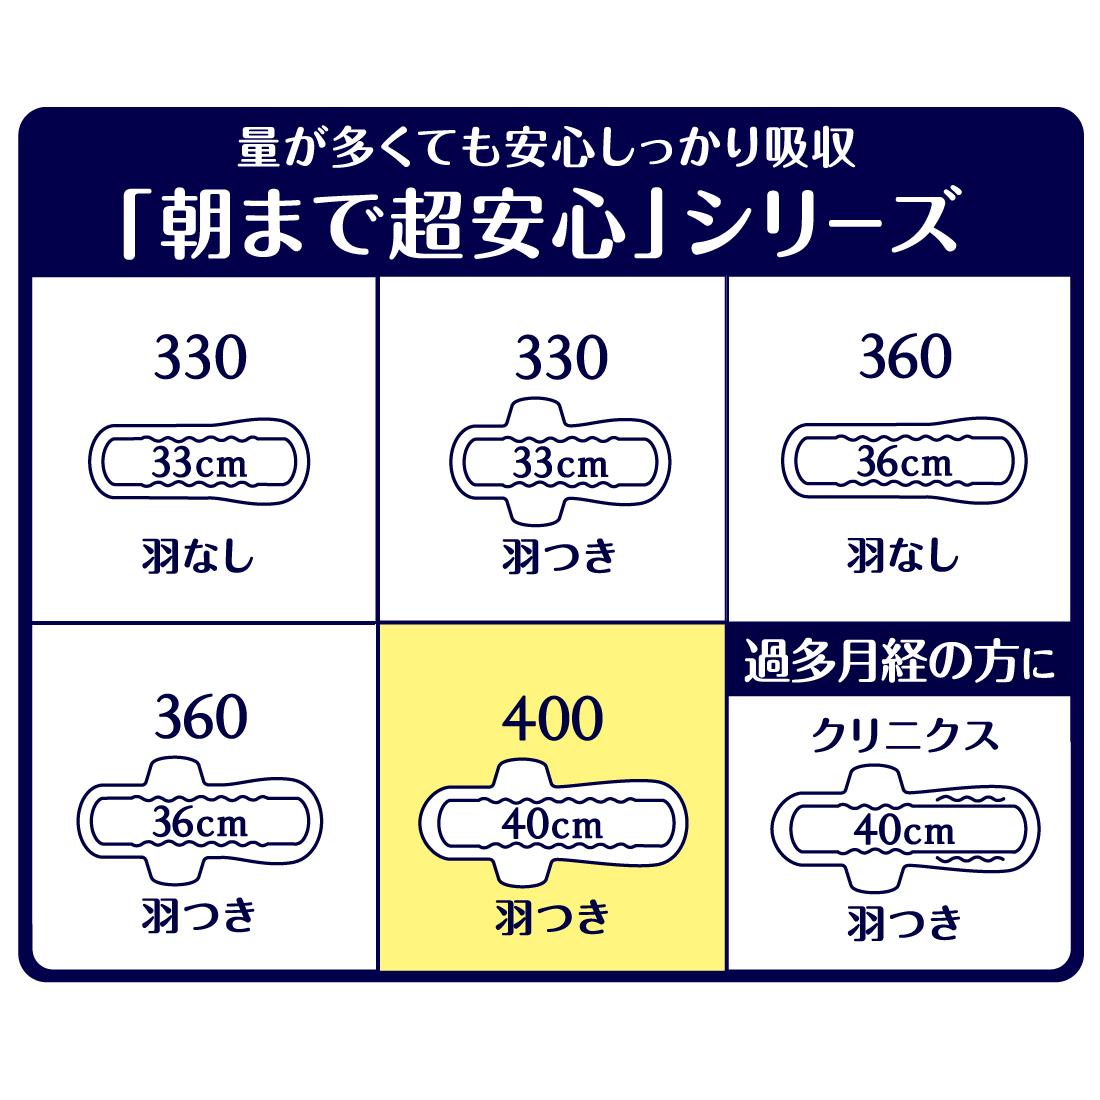 ★応援リラックマデザイン★エリス 朝まで超安心400(特に心配な夜用)羽つき12枚【883849】